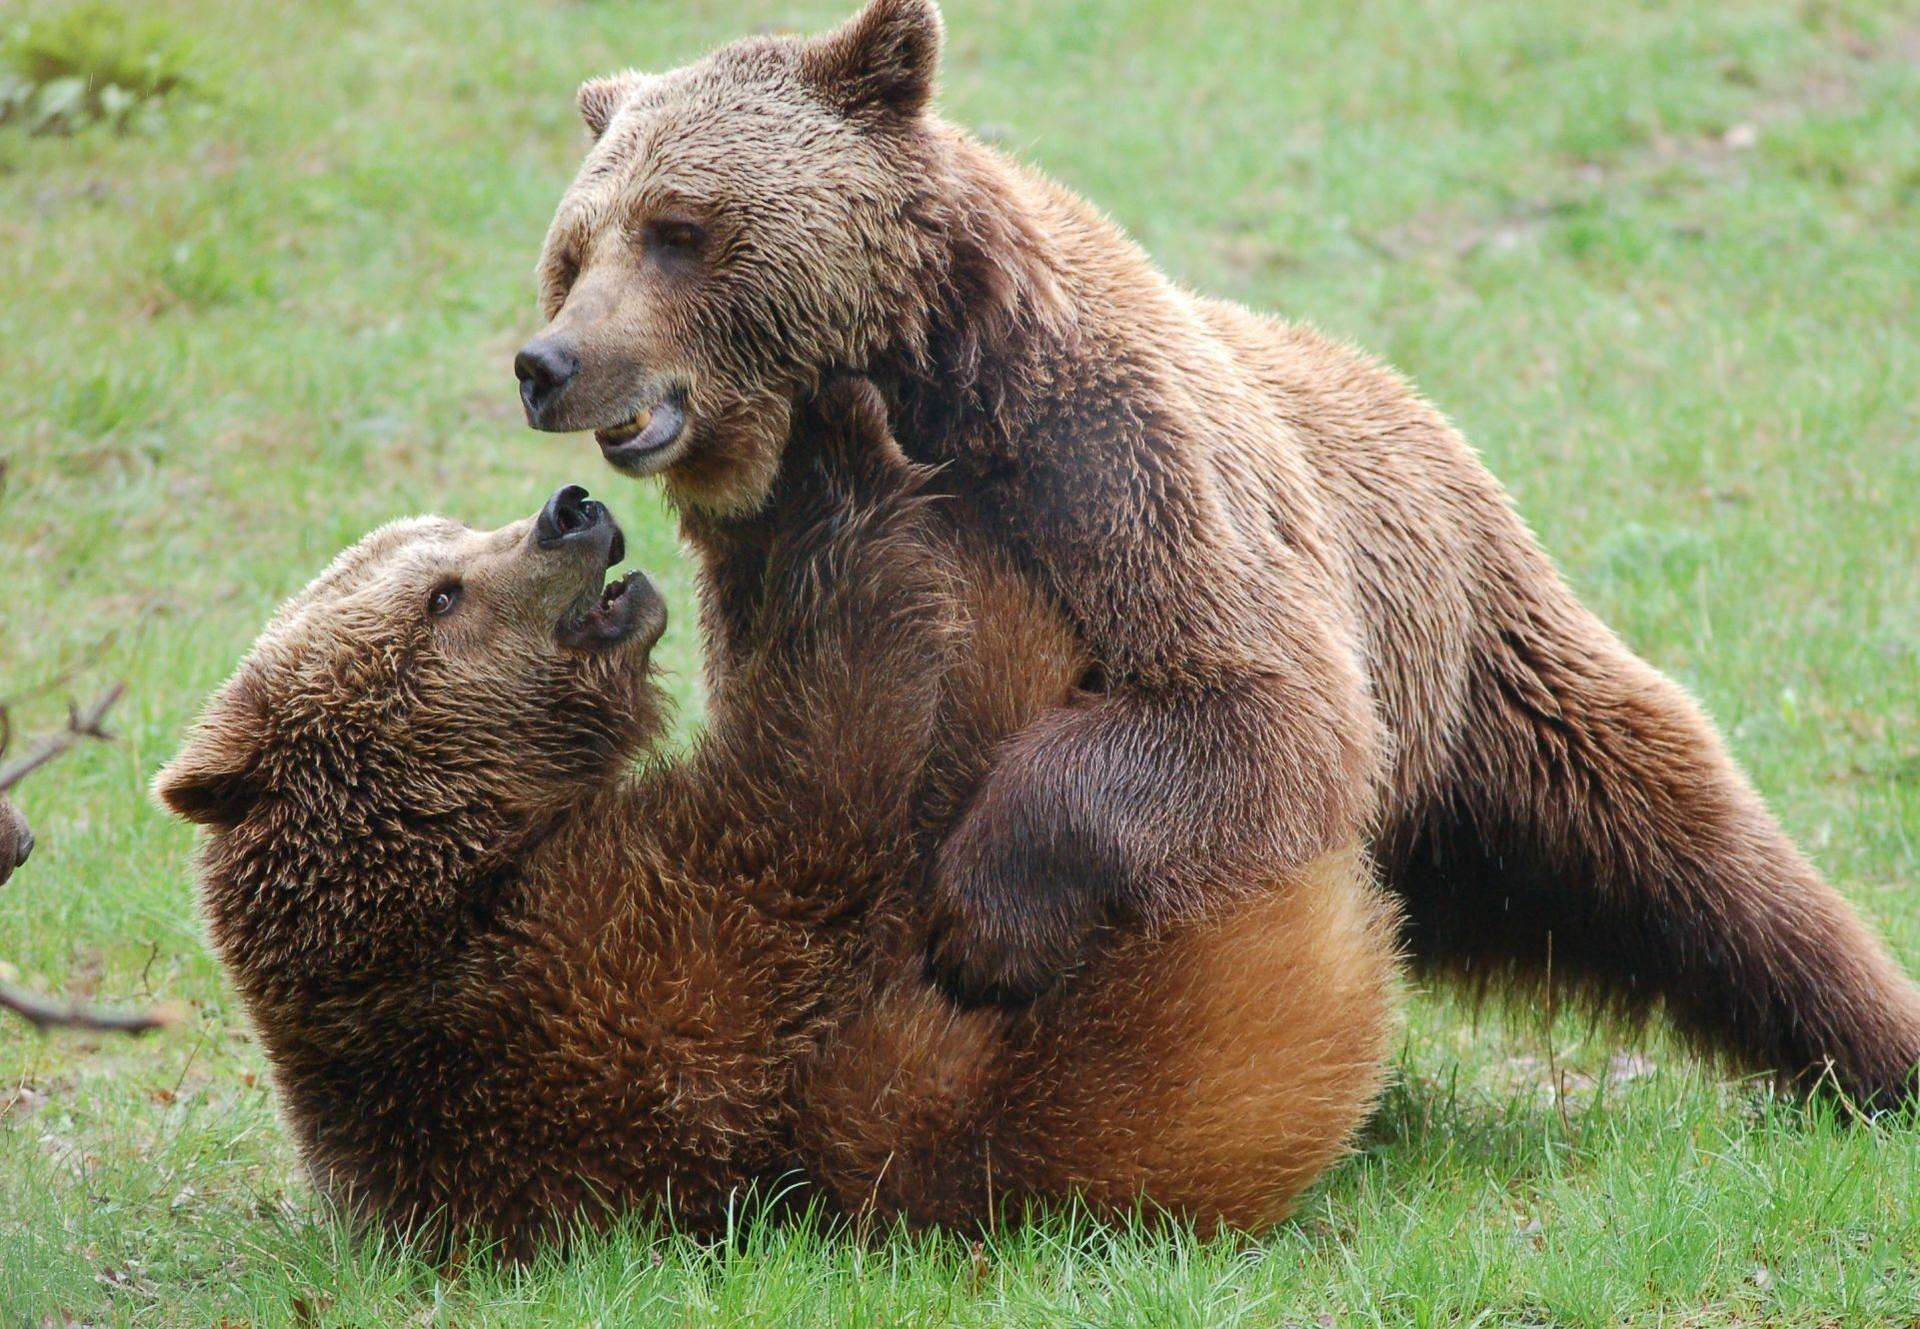 Zwei Bären beim Spielen auf einer Wiese